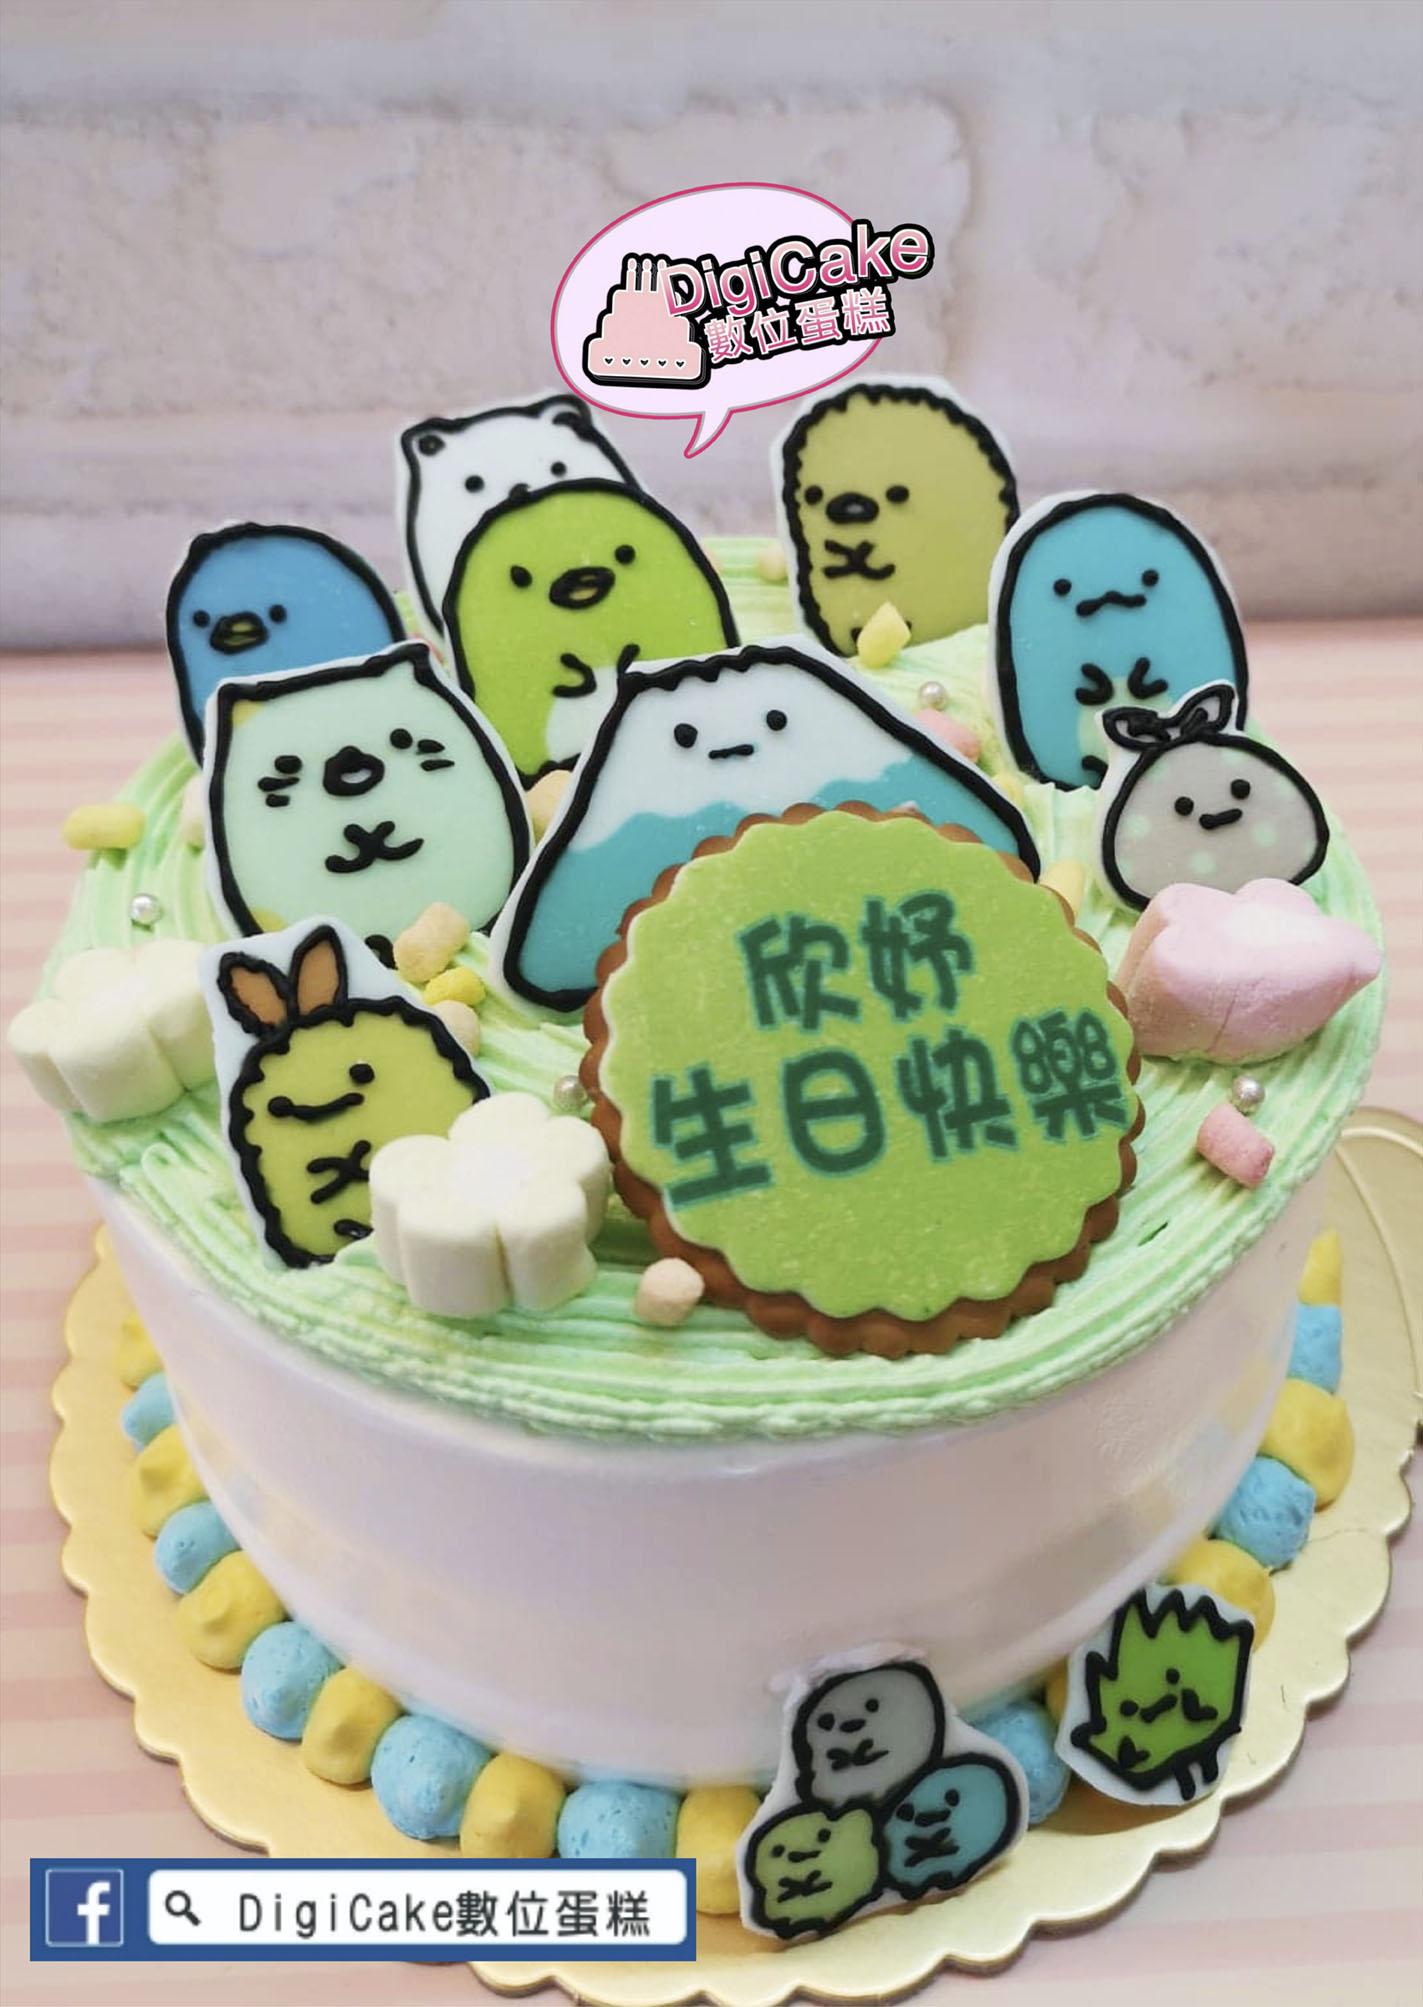 點此進入角落生物糖片手繪造型蛋糕的詳細資料!